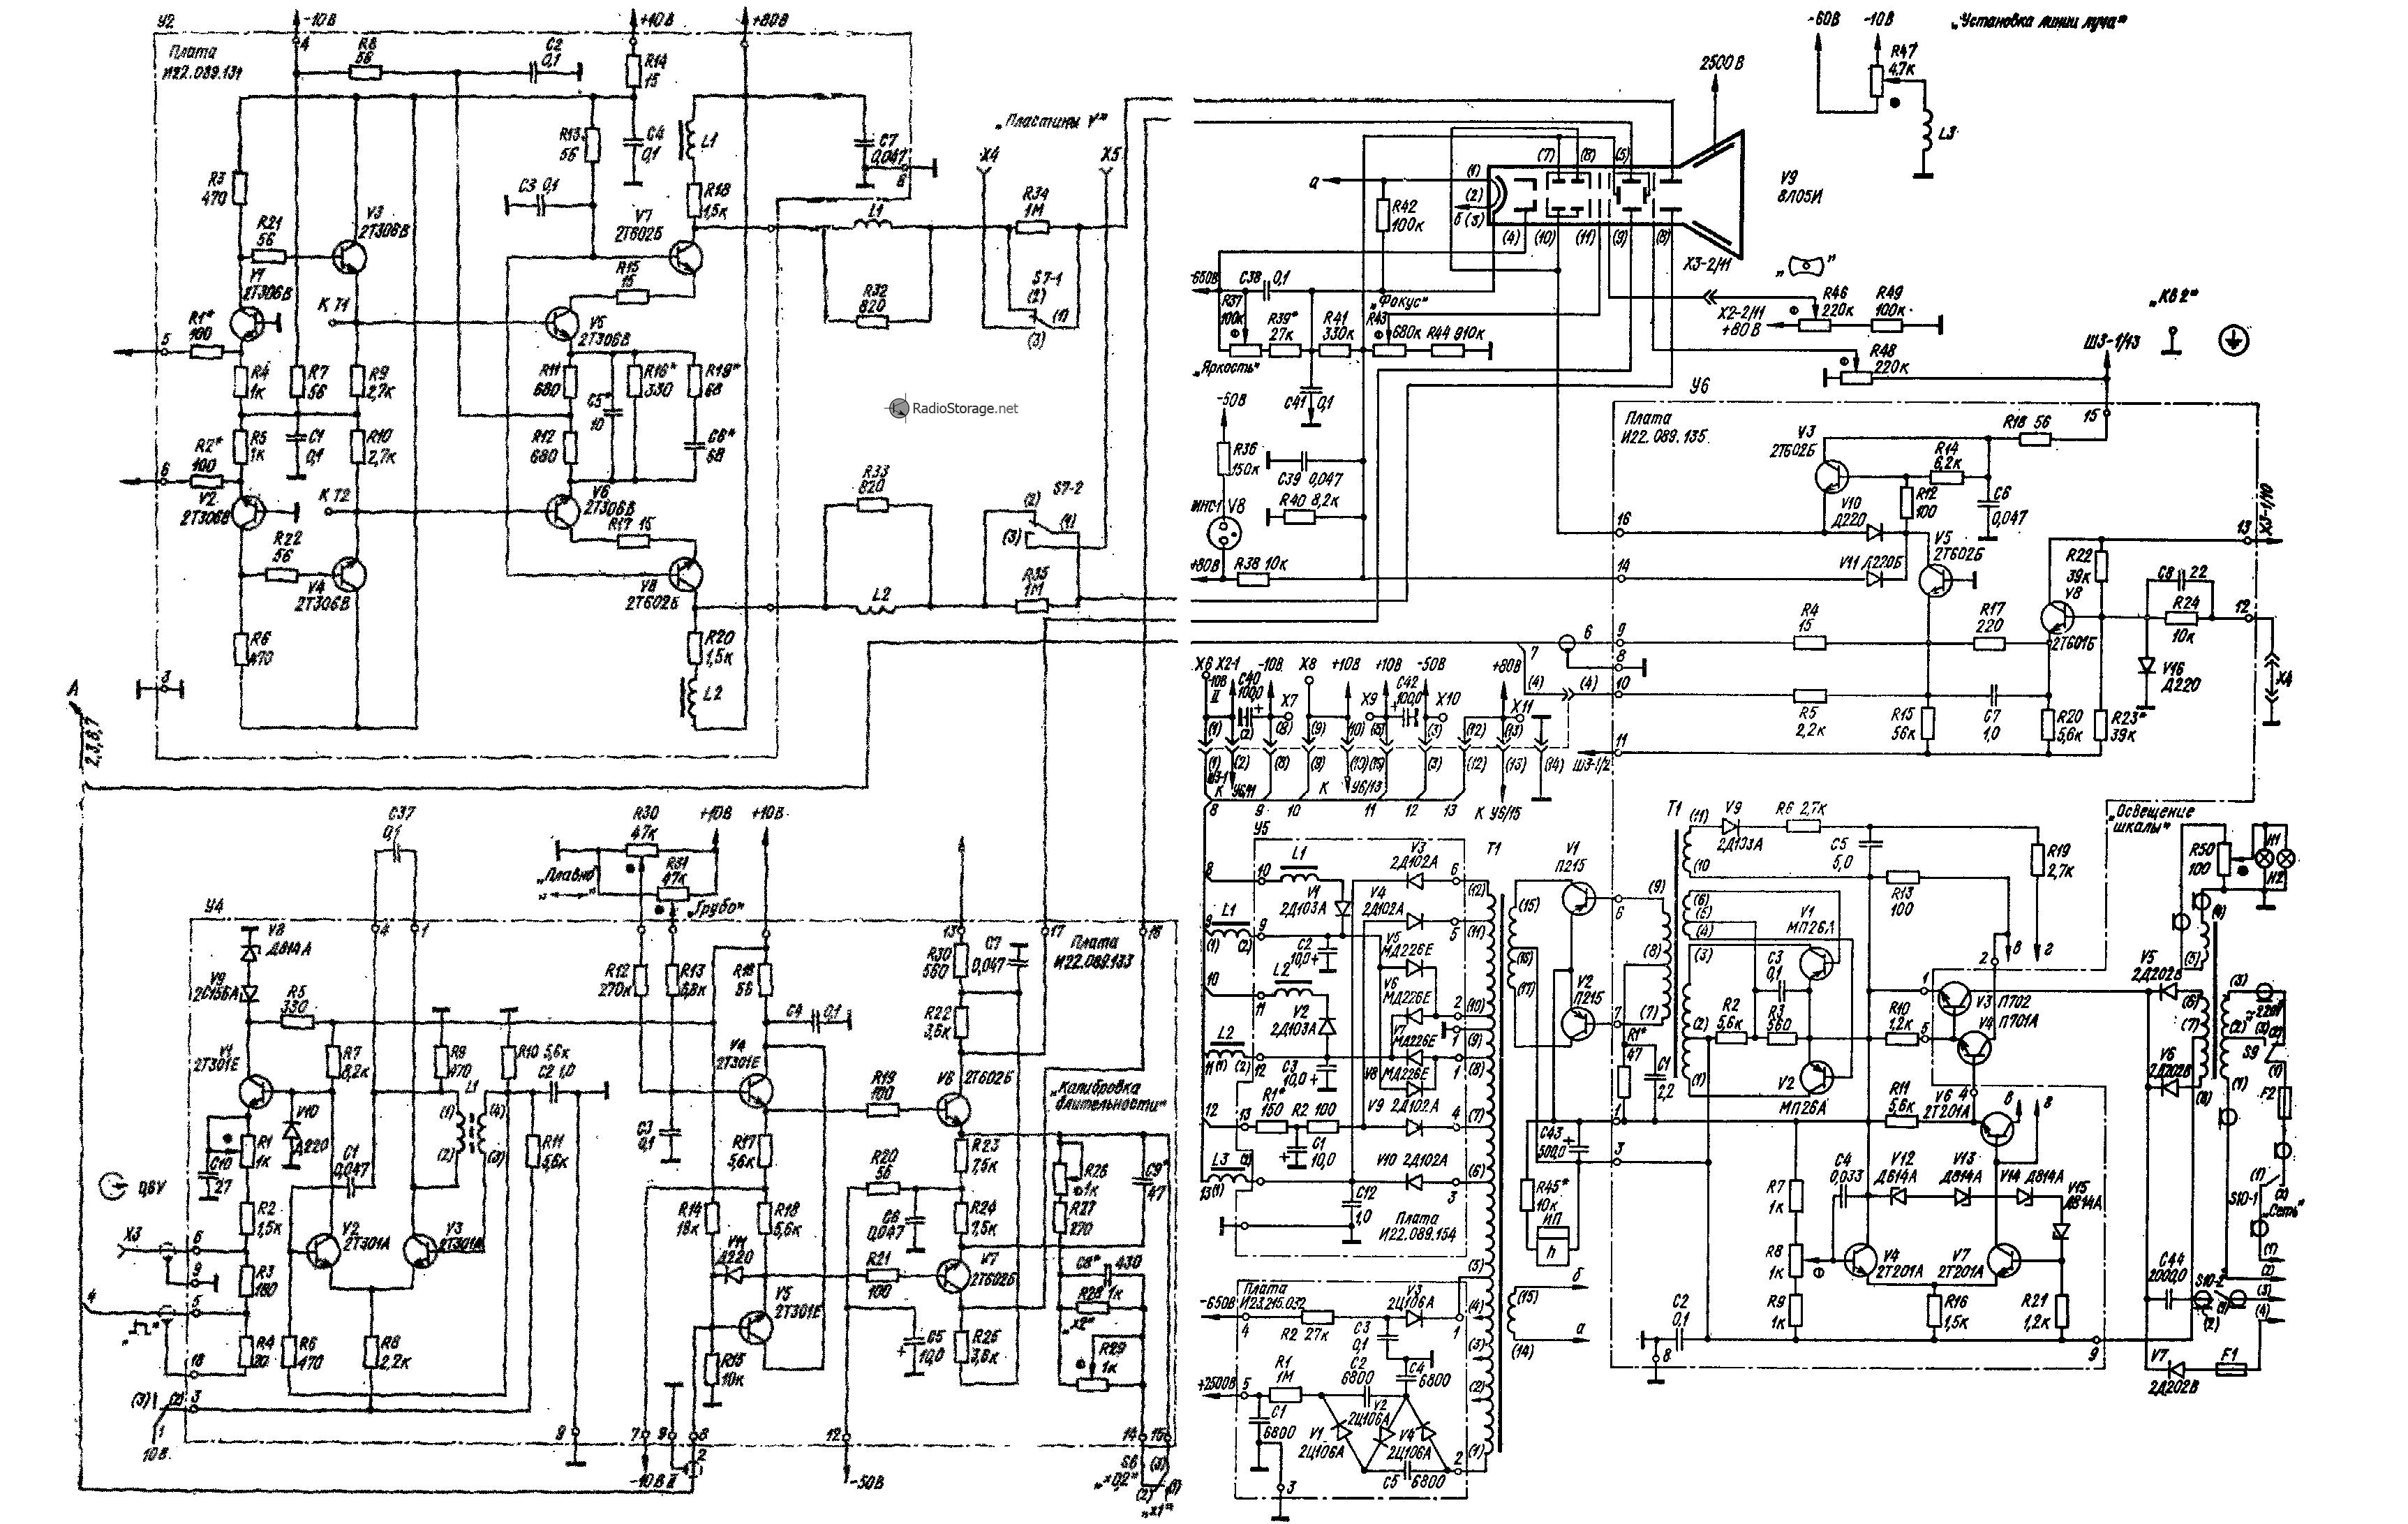 Осциллограф с-67 схема